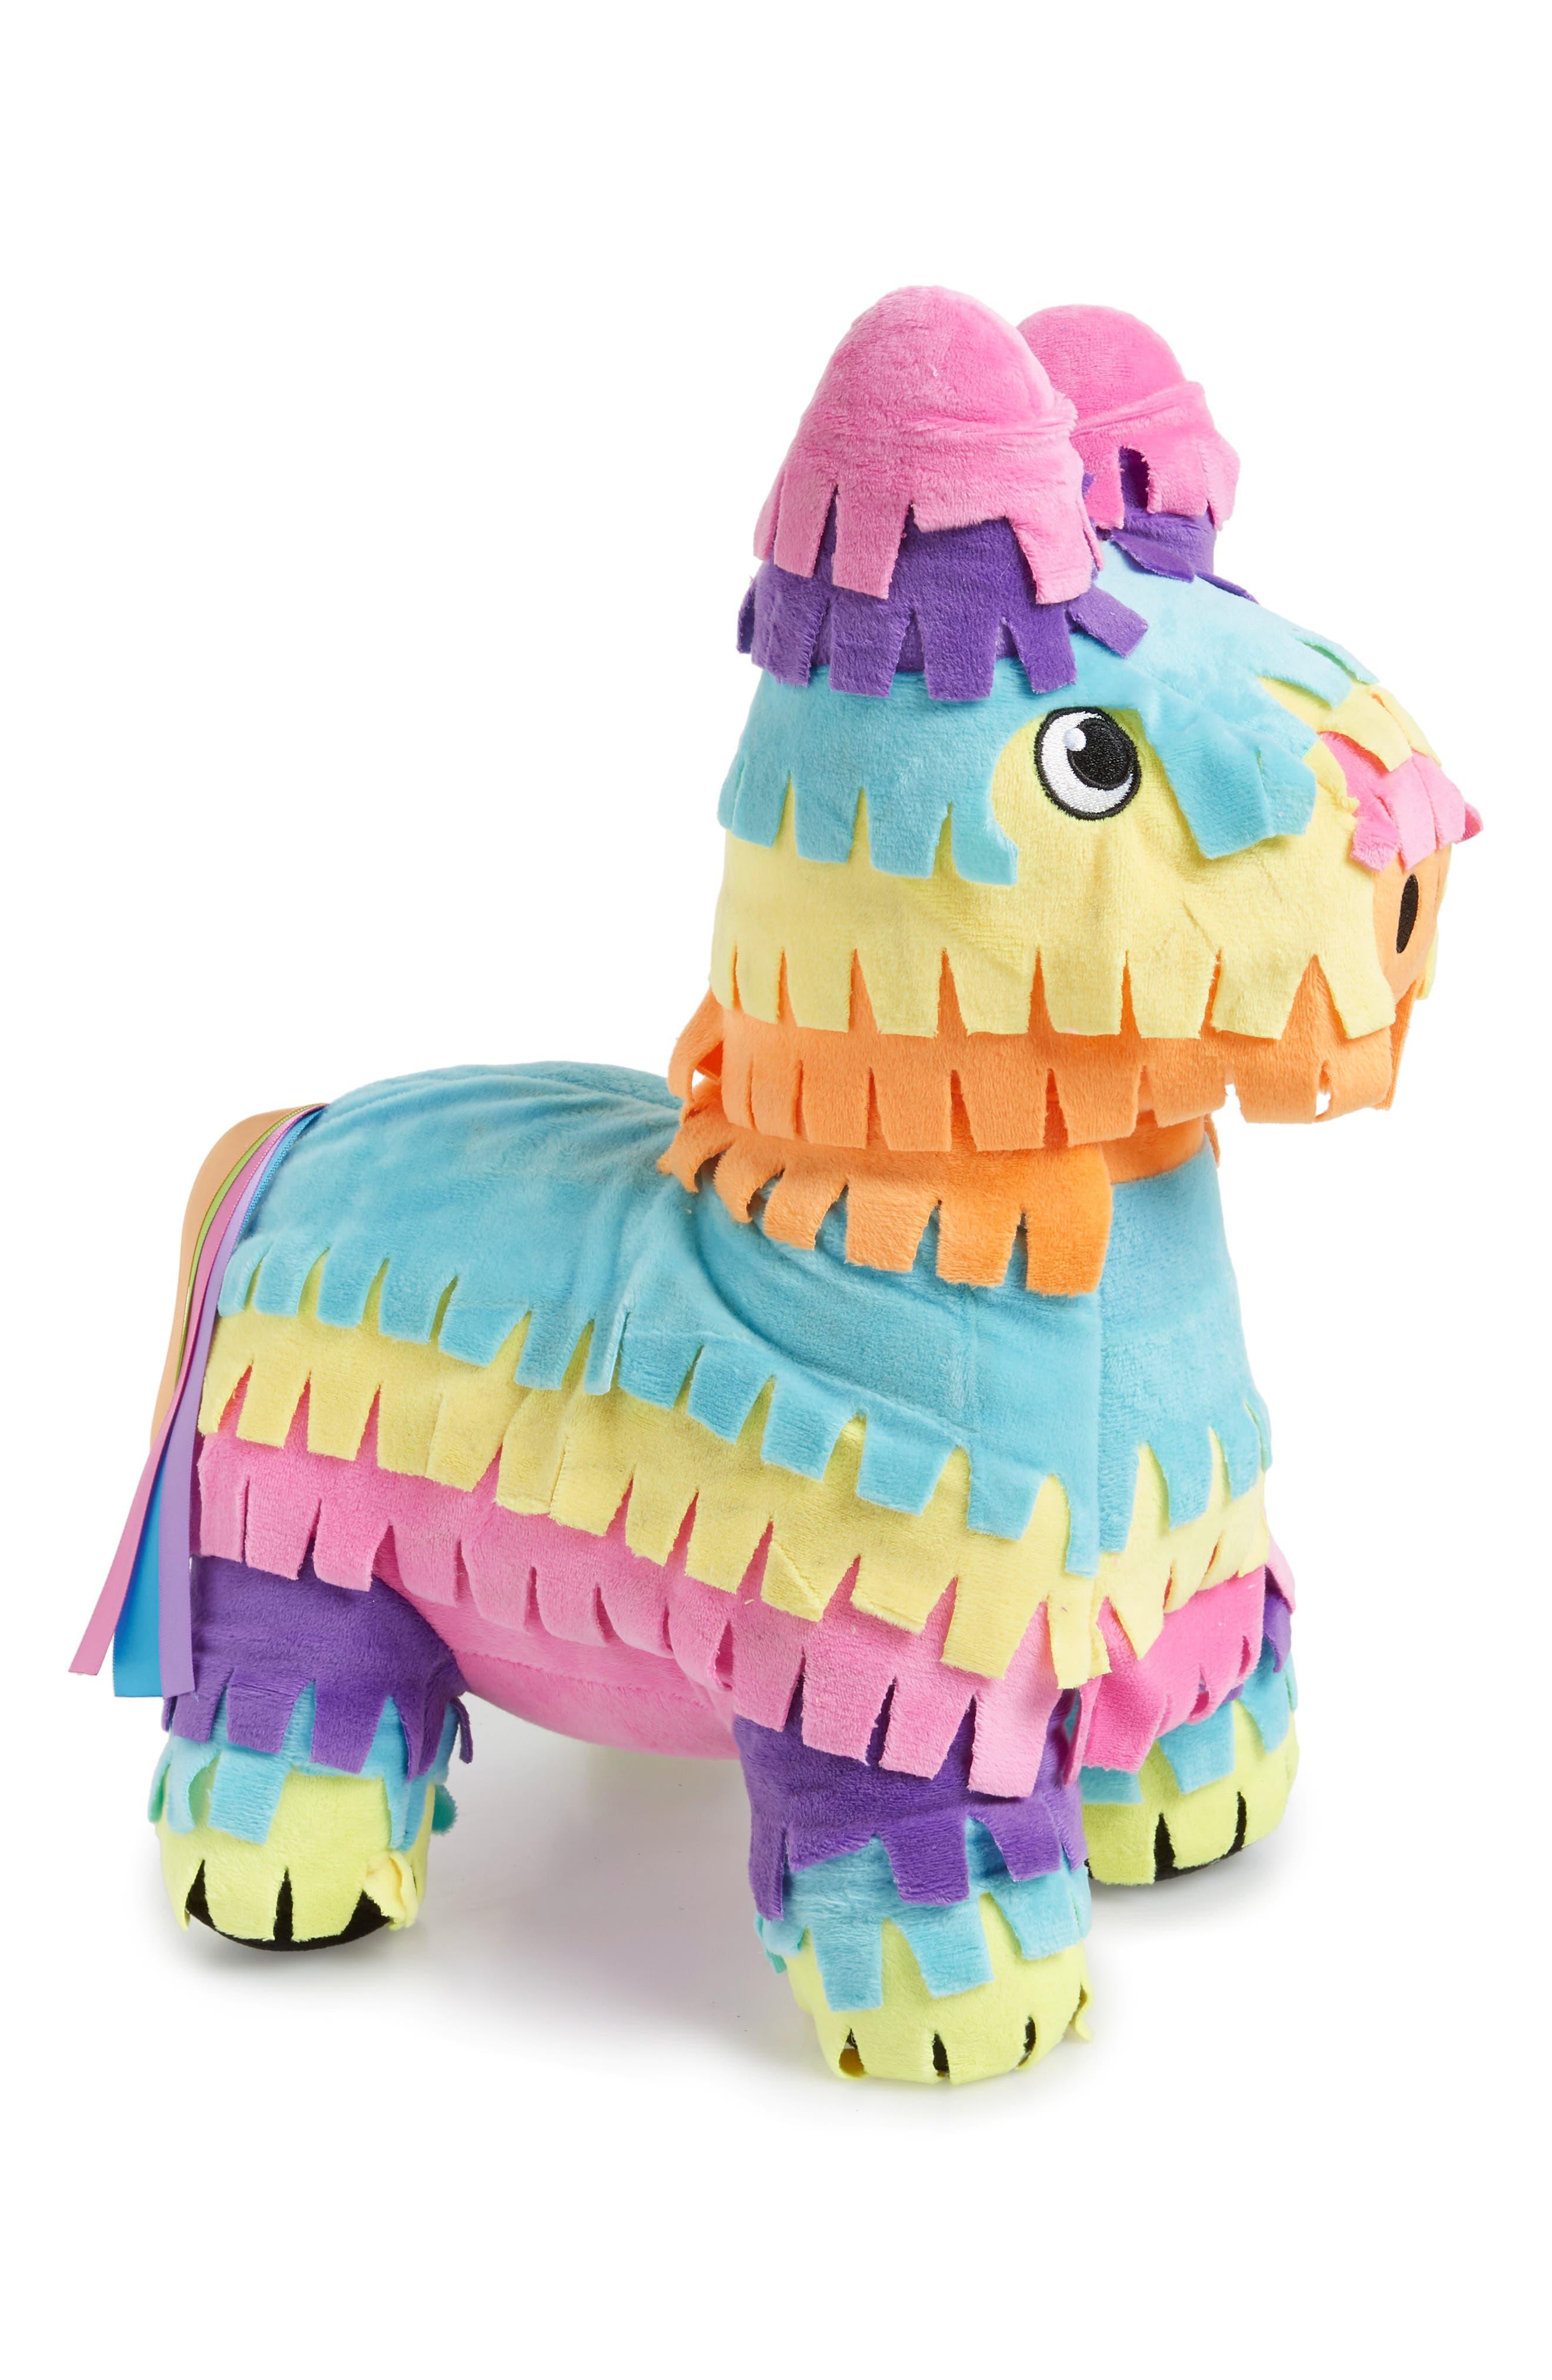 Piñata Pillow,                         Main,                         color, 400